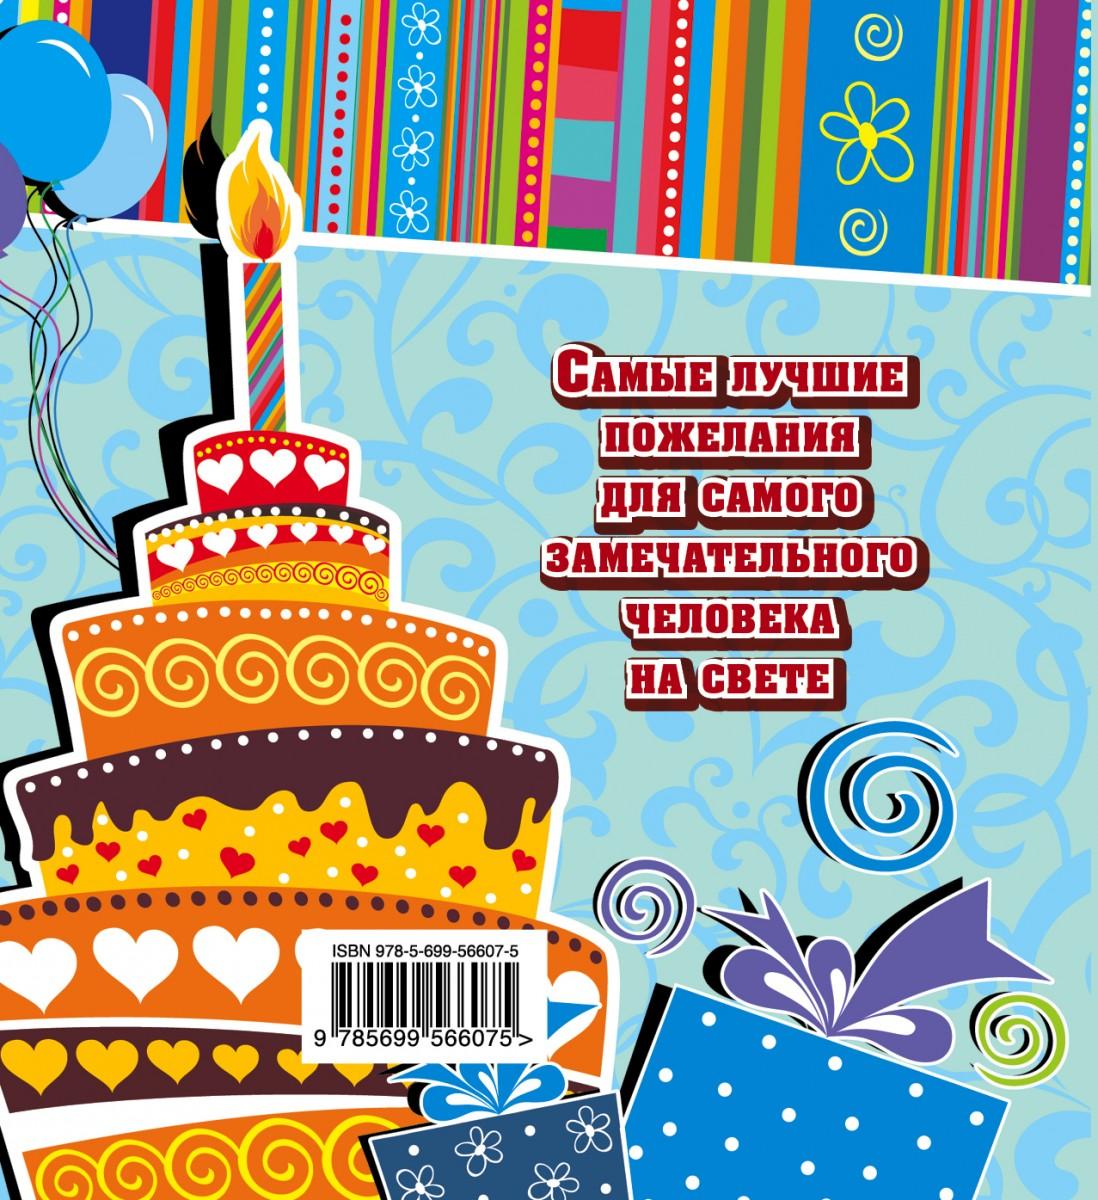 Поздравления с днём рождения прекрасному человеку 24